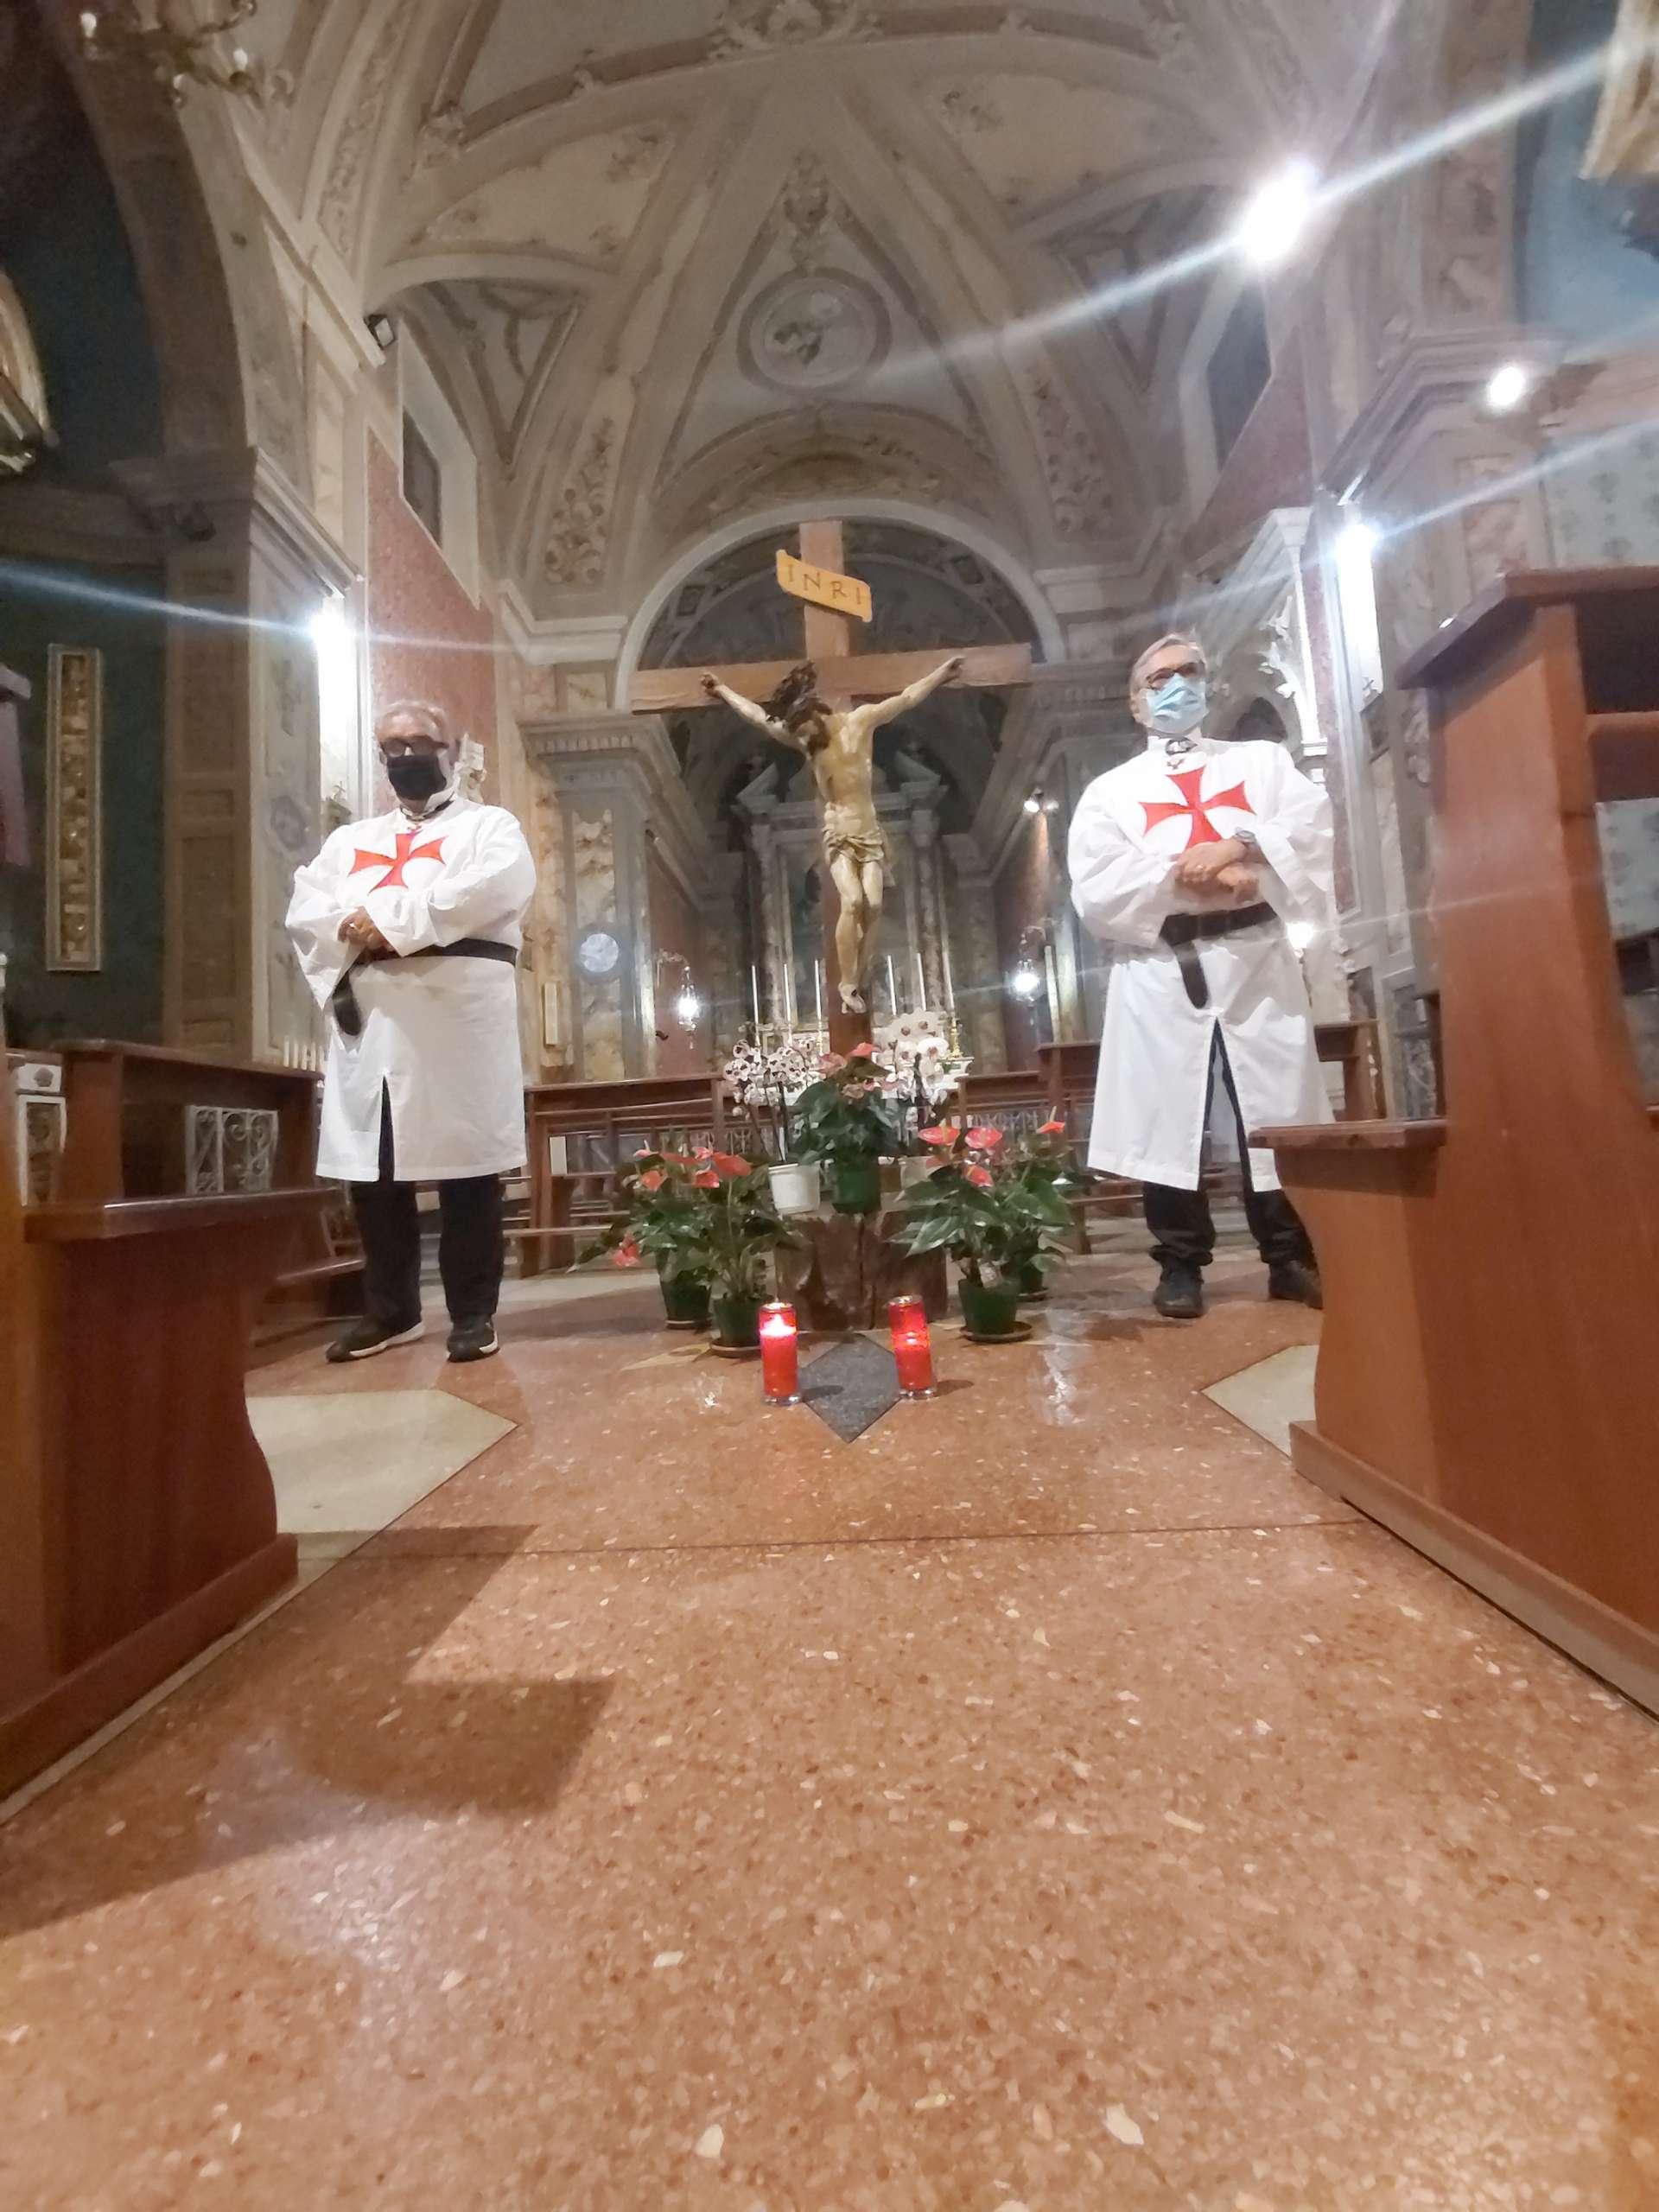 Turno di custodia notturno Chiesa Santa Lucia a Offagna (AN)